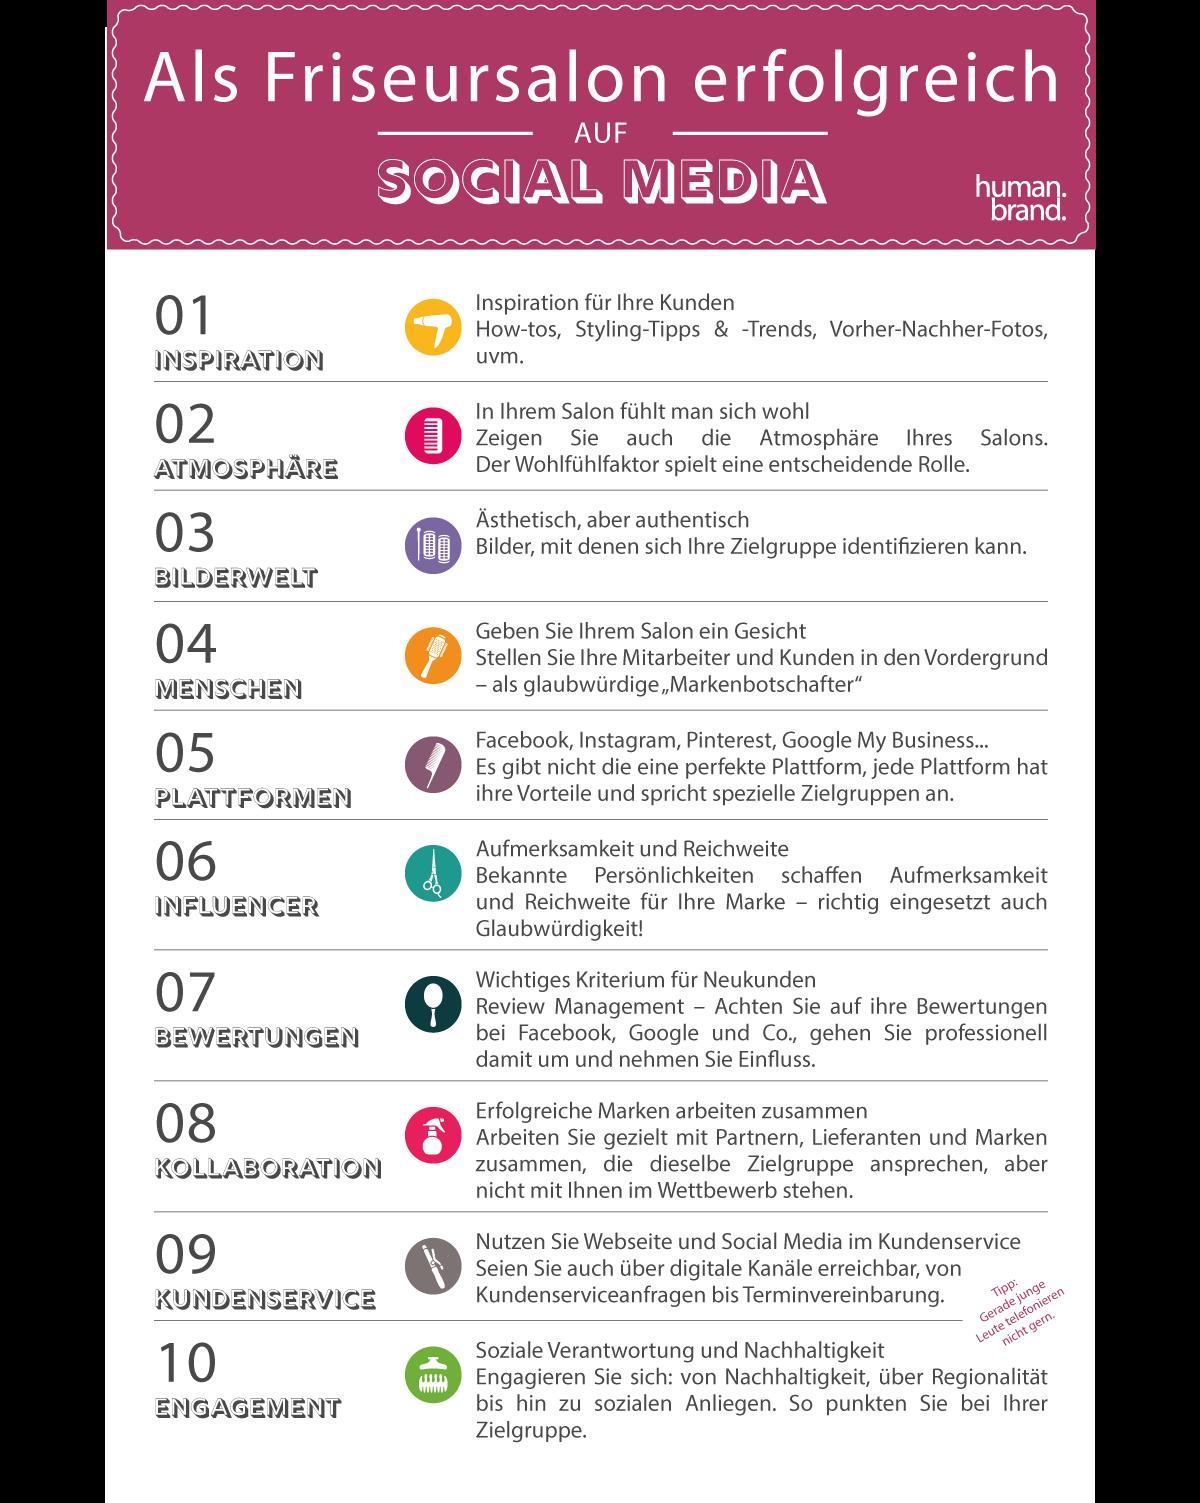 10 Tipps um als Friseursalon erfolgreich auf Social Media zu sein zusammengefasst als Bullet Points auf einem Bild